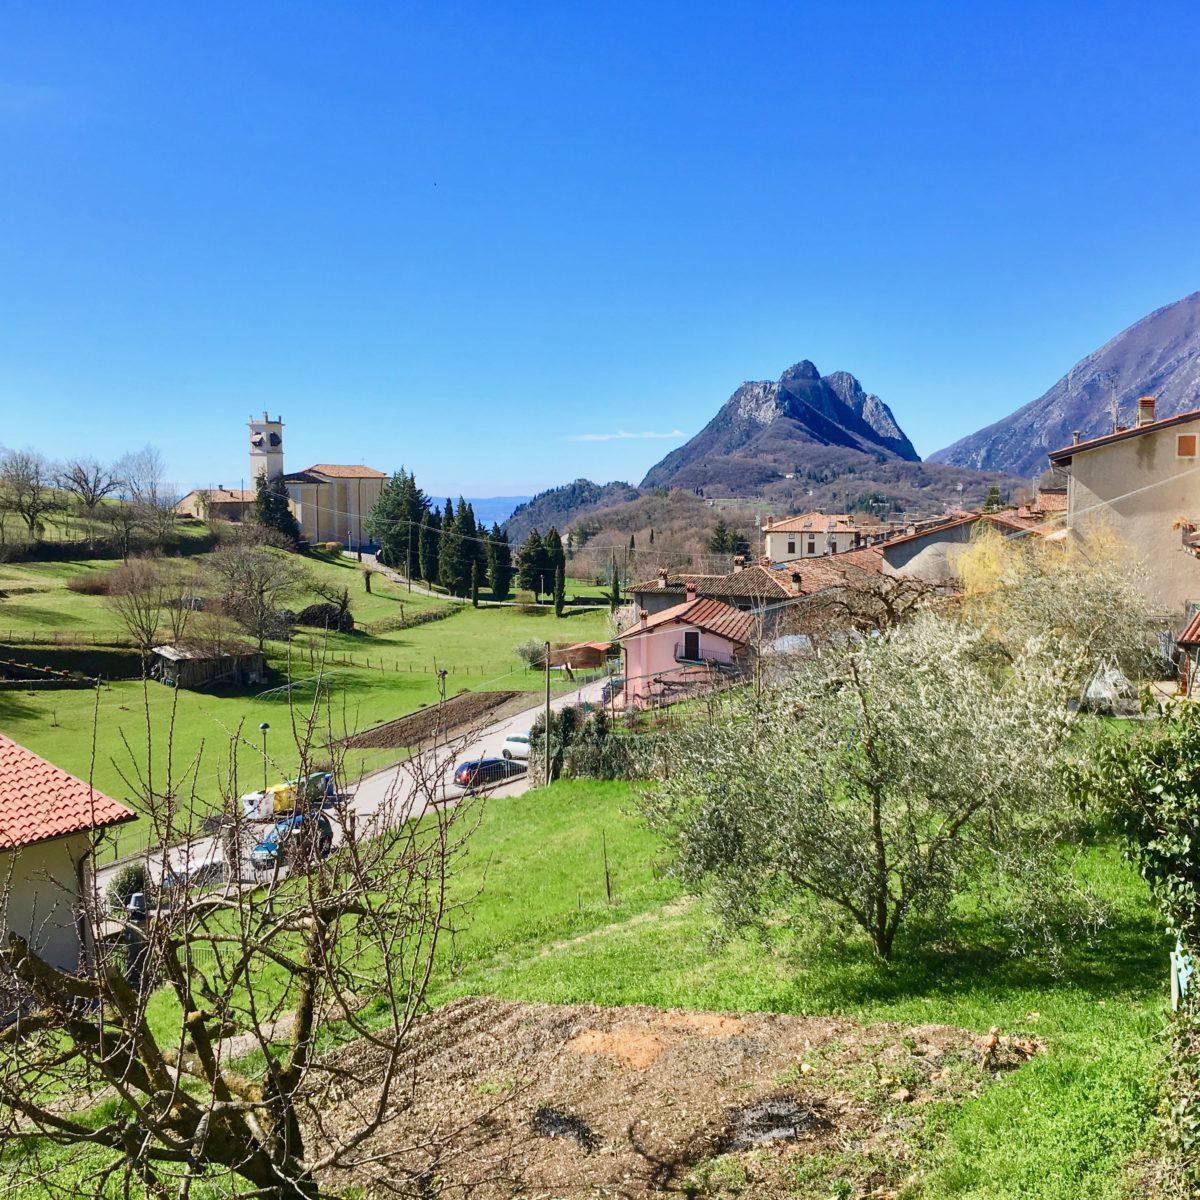 Sasso oberhalb von Gargnano - Ausgangspunkt für unsere Wanderung zur Einsiedelei San Valentino